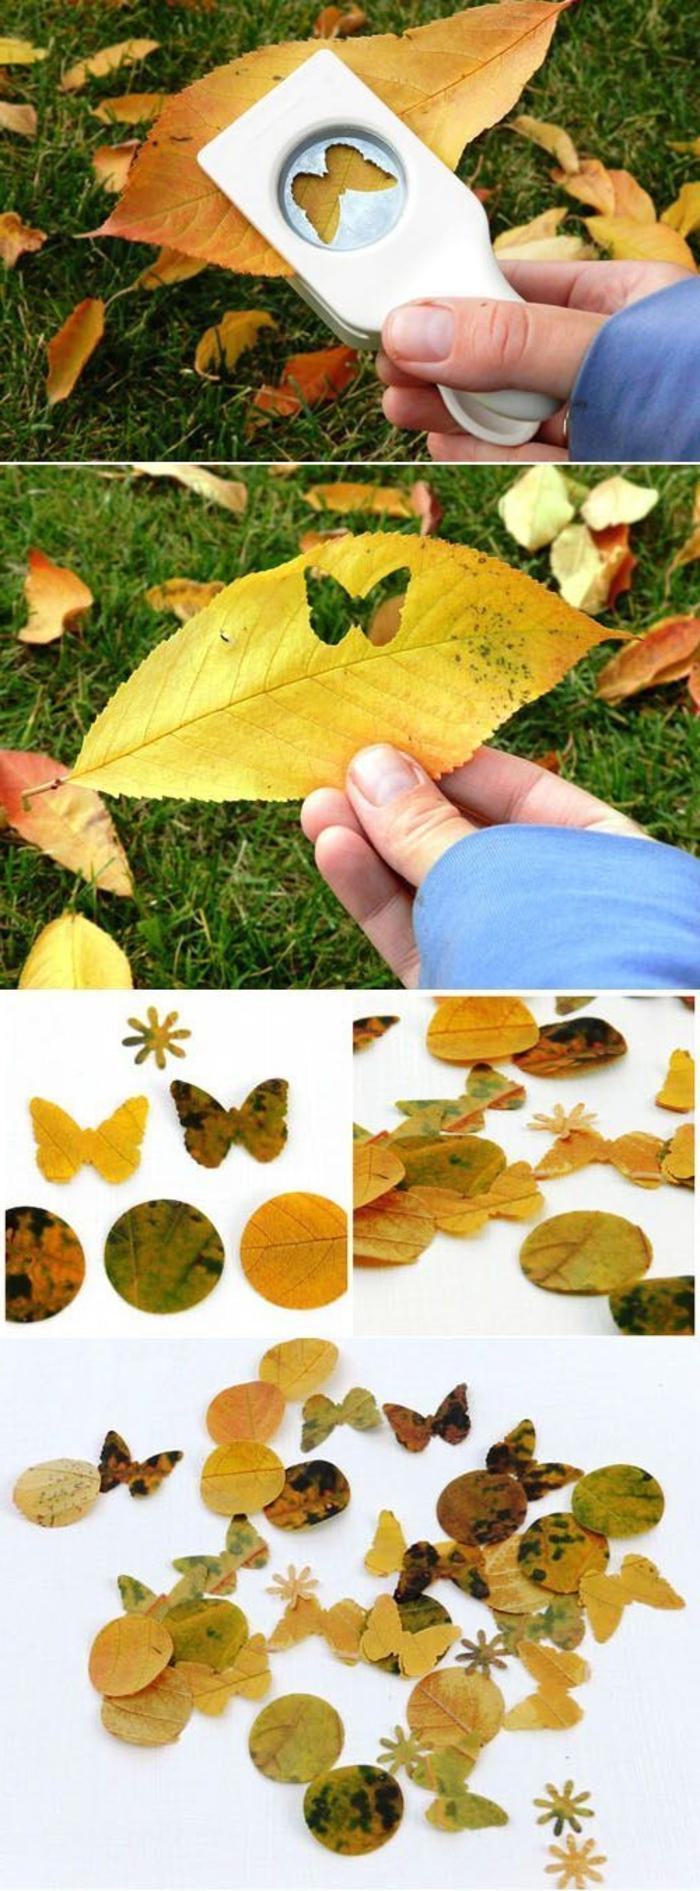 Herbstbasteln-mit-Kindern-geschnitten-schmetterling-motiven